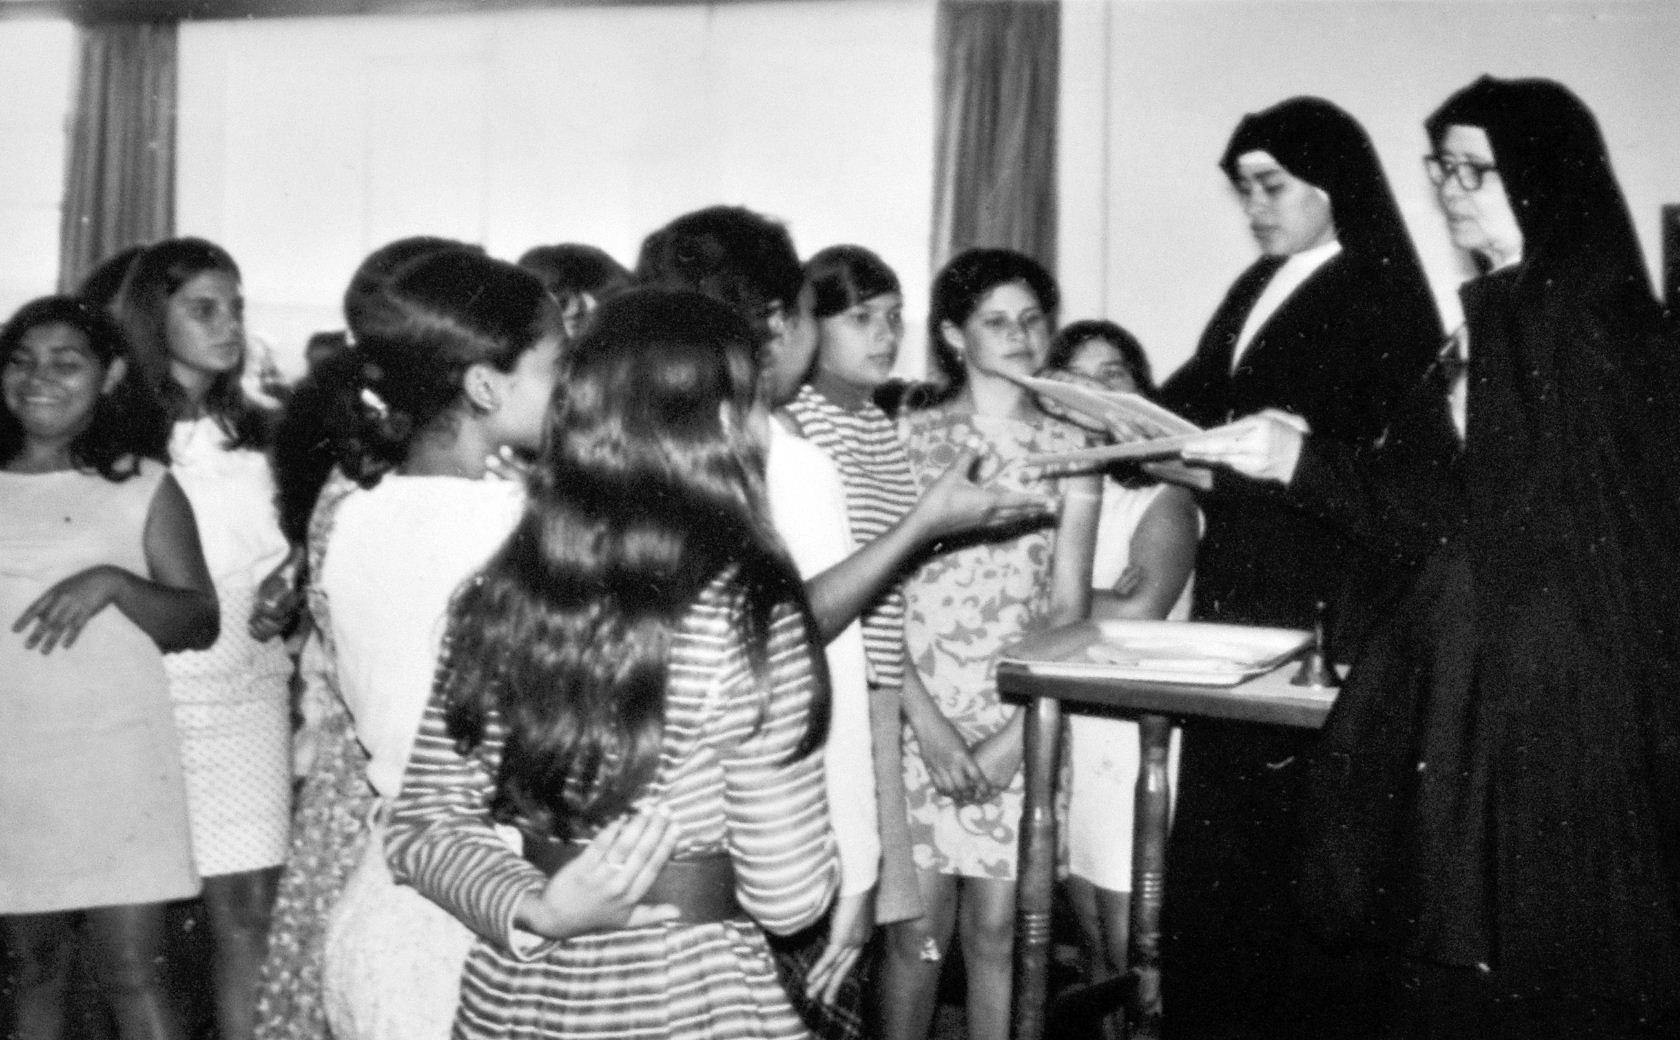 Una fotografía de hace muchos años, Sor María Romero  atiende a unas jovencitas. La vida de la monja fue darse por completo a los pobres.  LA PRENSA/ ARCHIVO